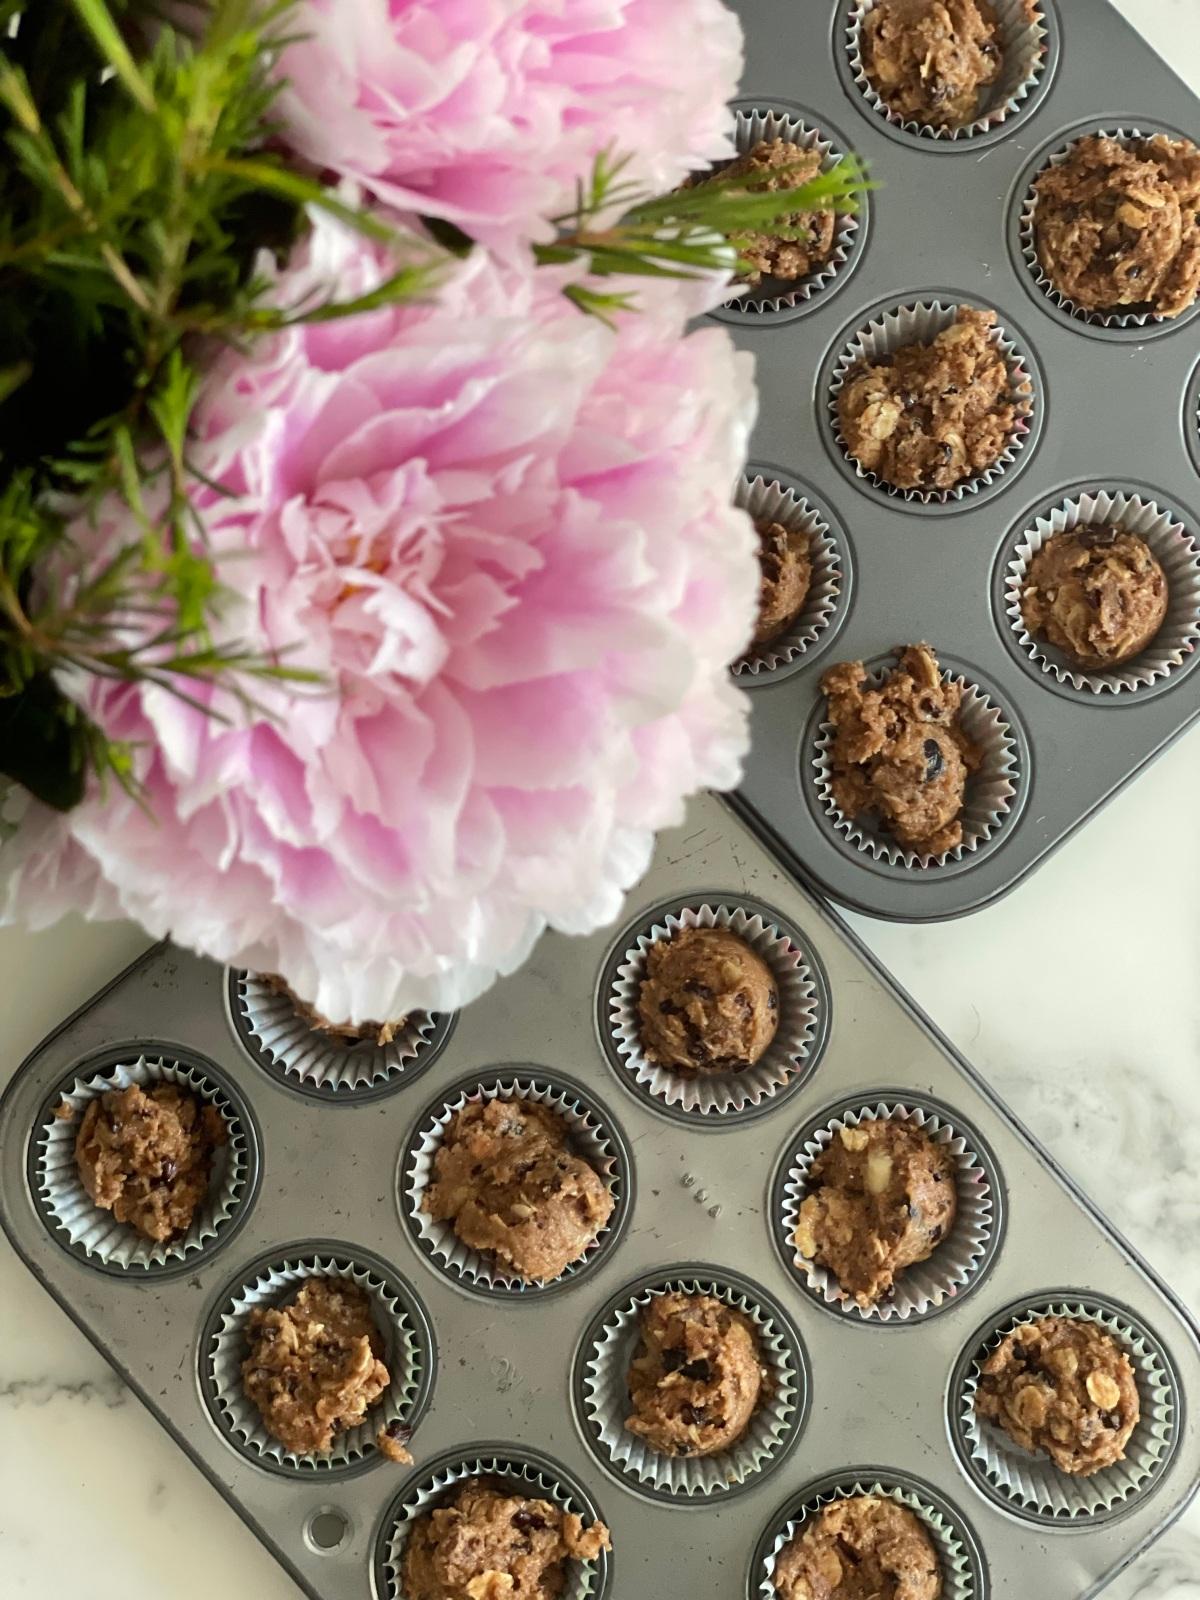 sunday muffins…gluten free and vegan chocolate chocolatechip…